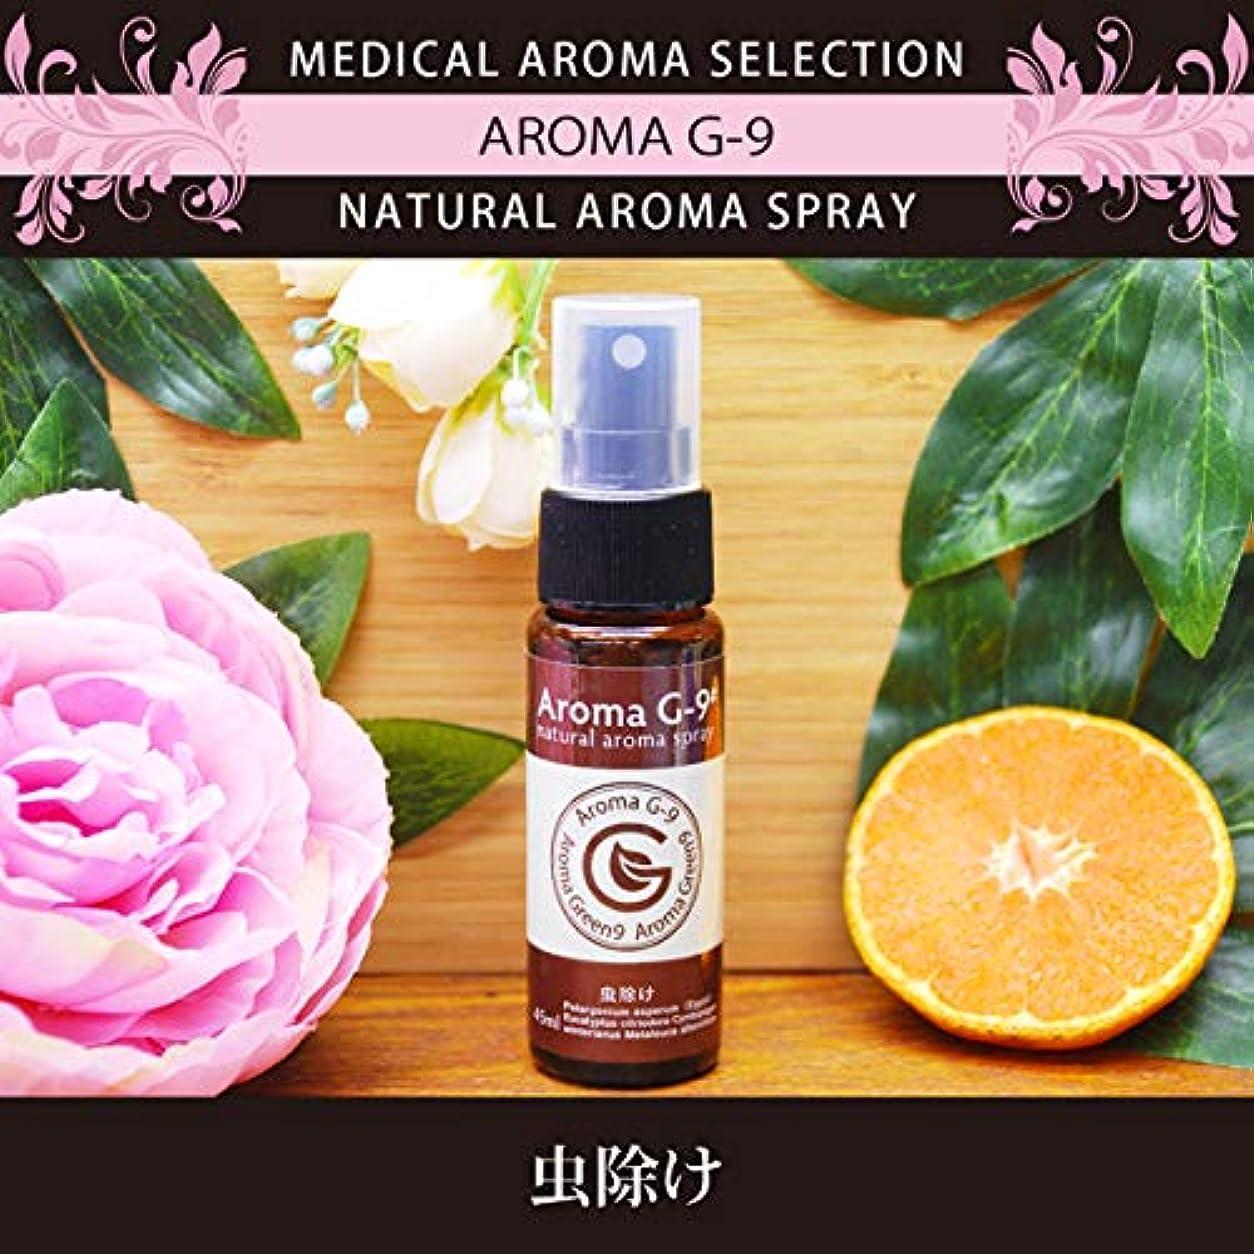 キッチンクラッシュねばねばアロマスプレー Aroma G-9# 虫除けスプレー 45ml